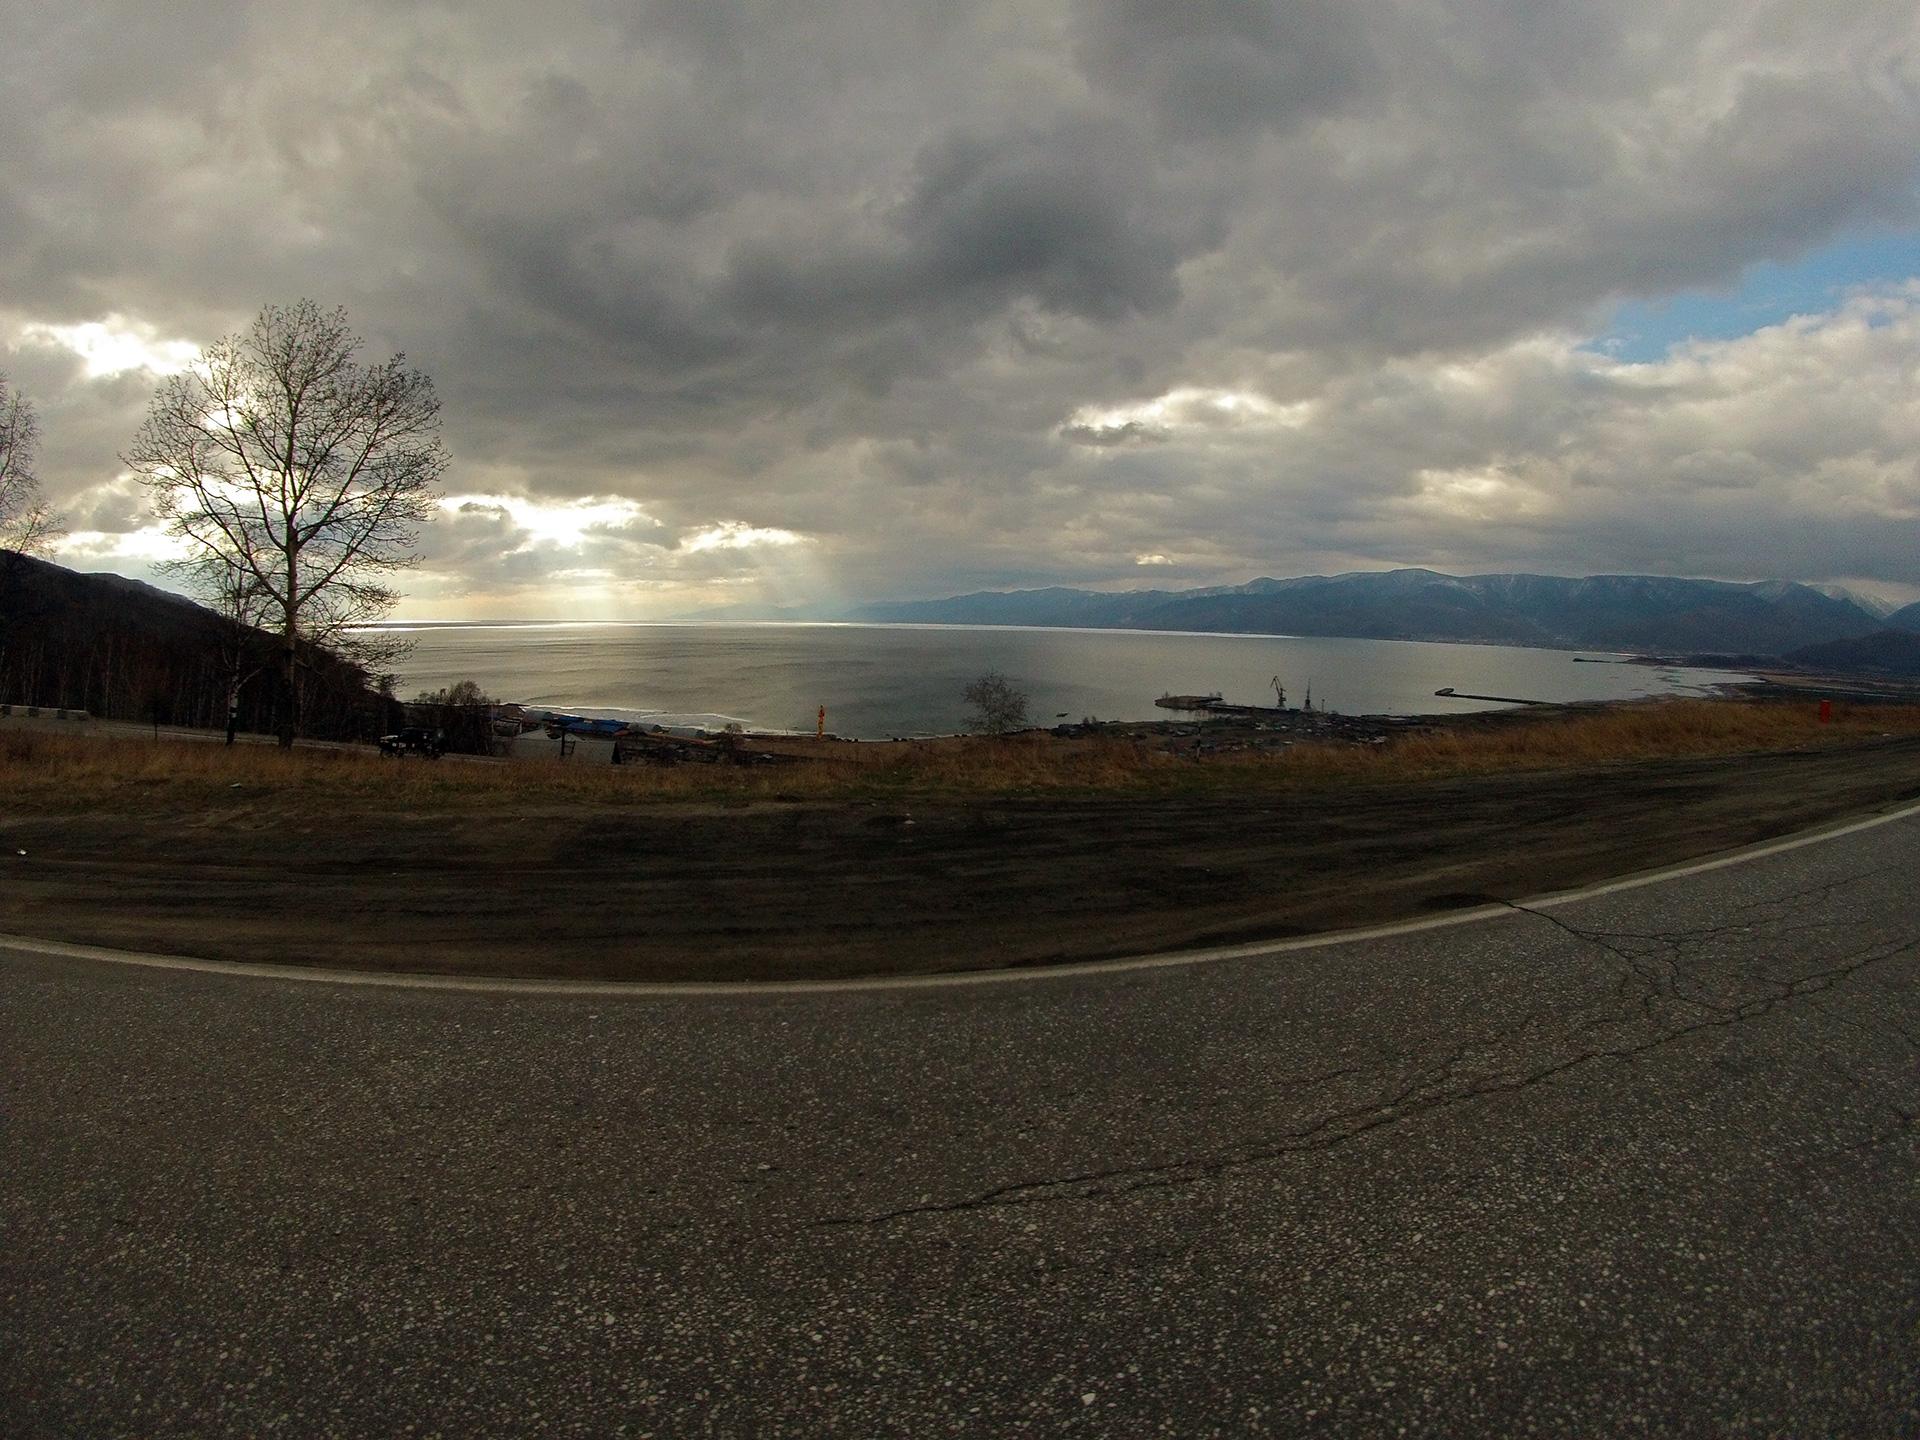 Байкал в районе Слюдянки. Идет непогода.